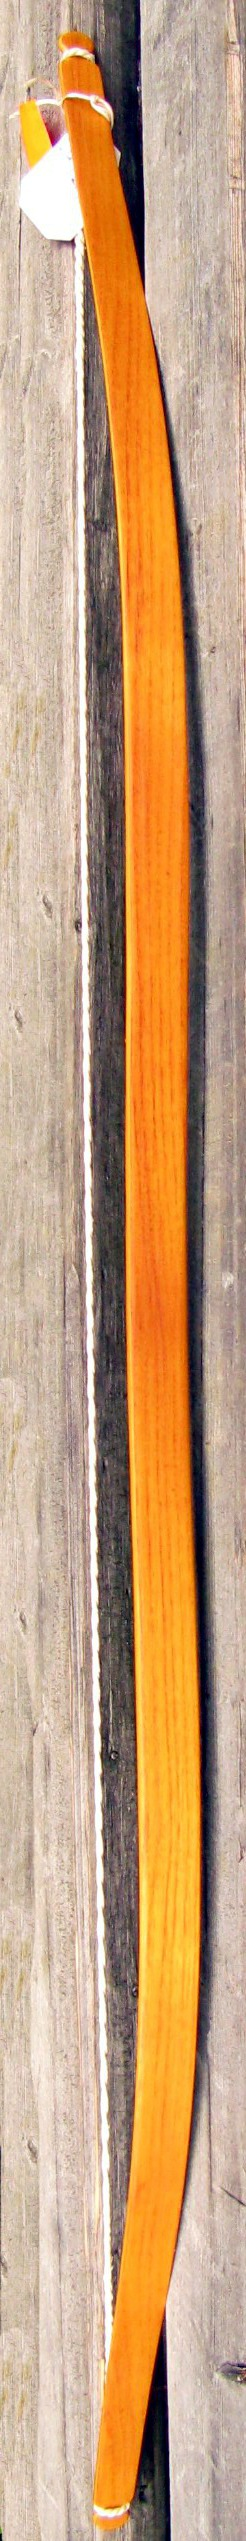 Indianerbogen-Plainstyp Osagebogen-Selfbow